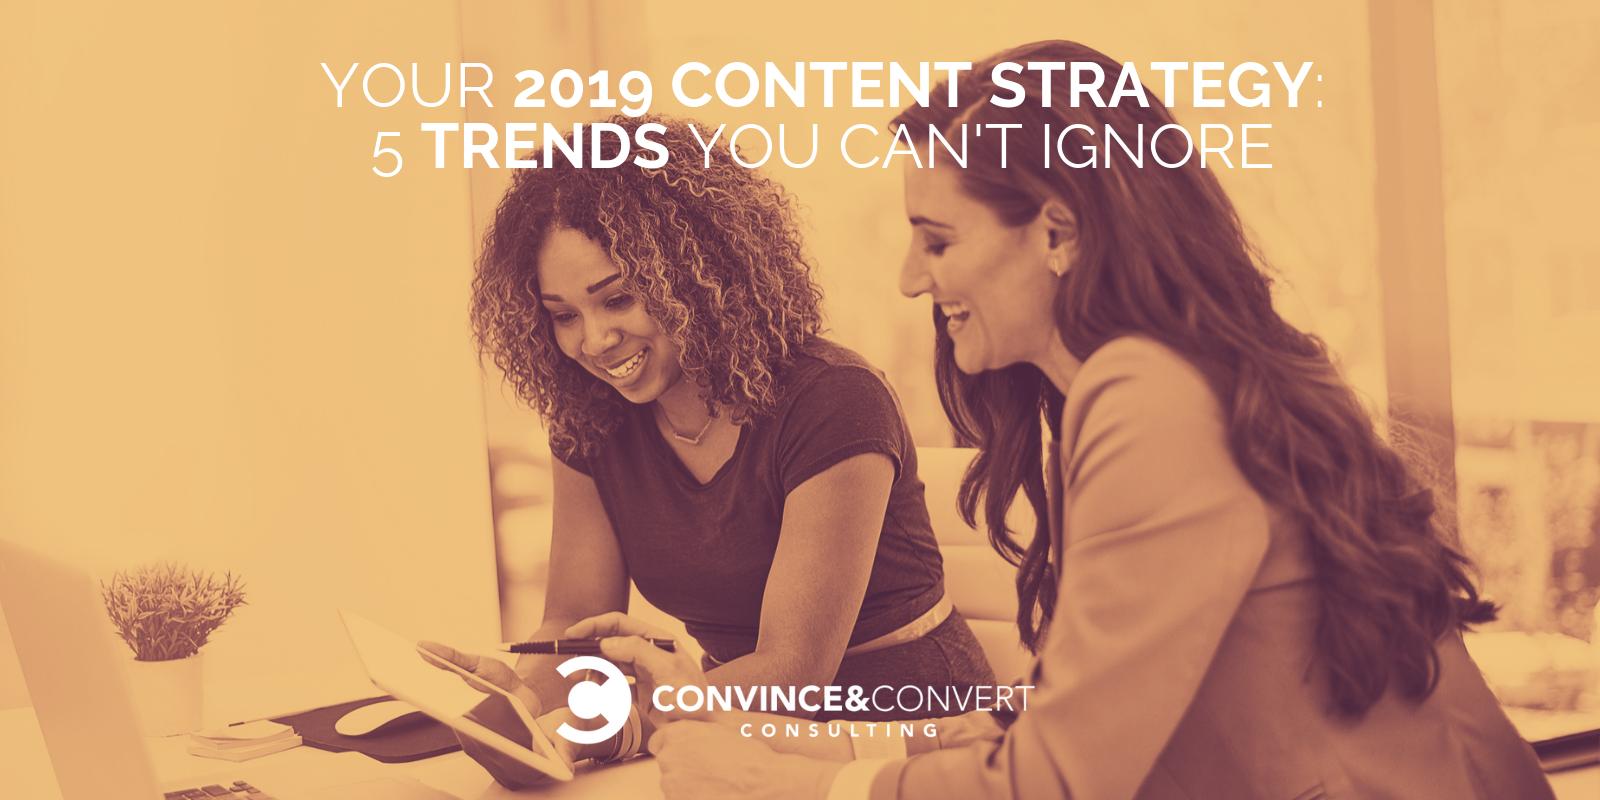 La tua strategia per i contenuti del 2019: 5 tendenze che non puoi ignorare